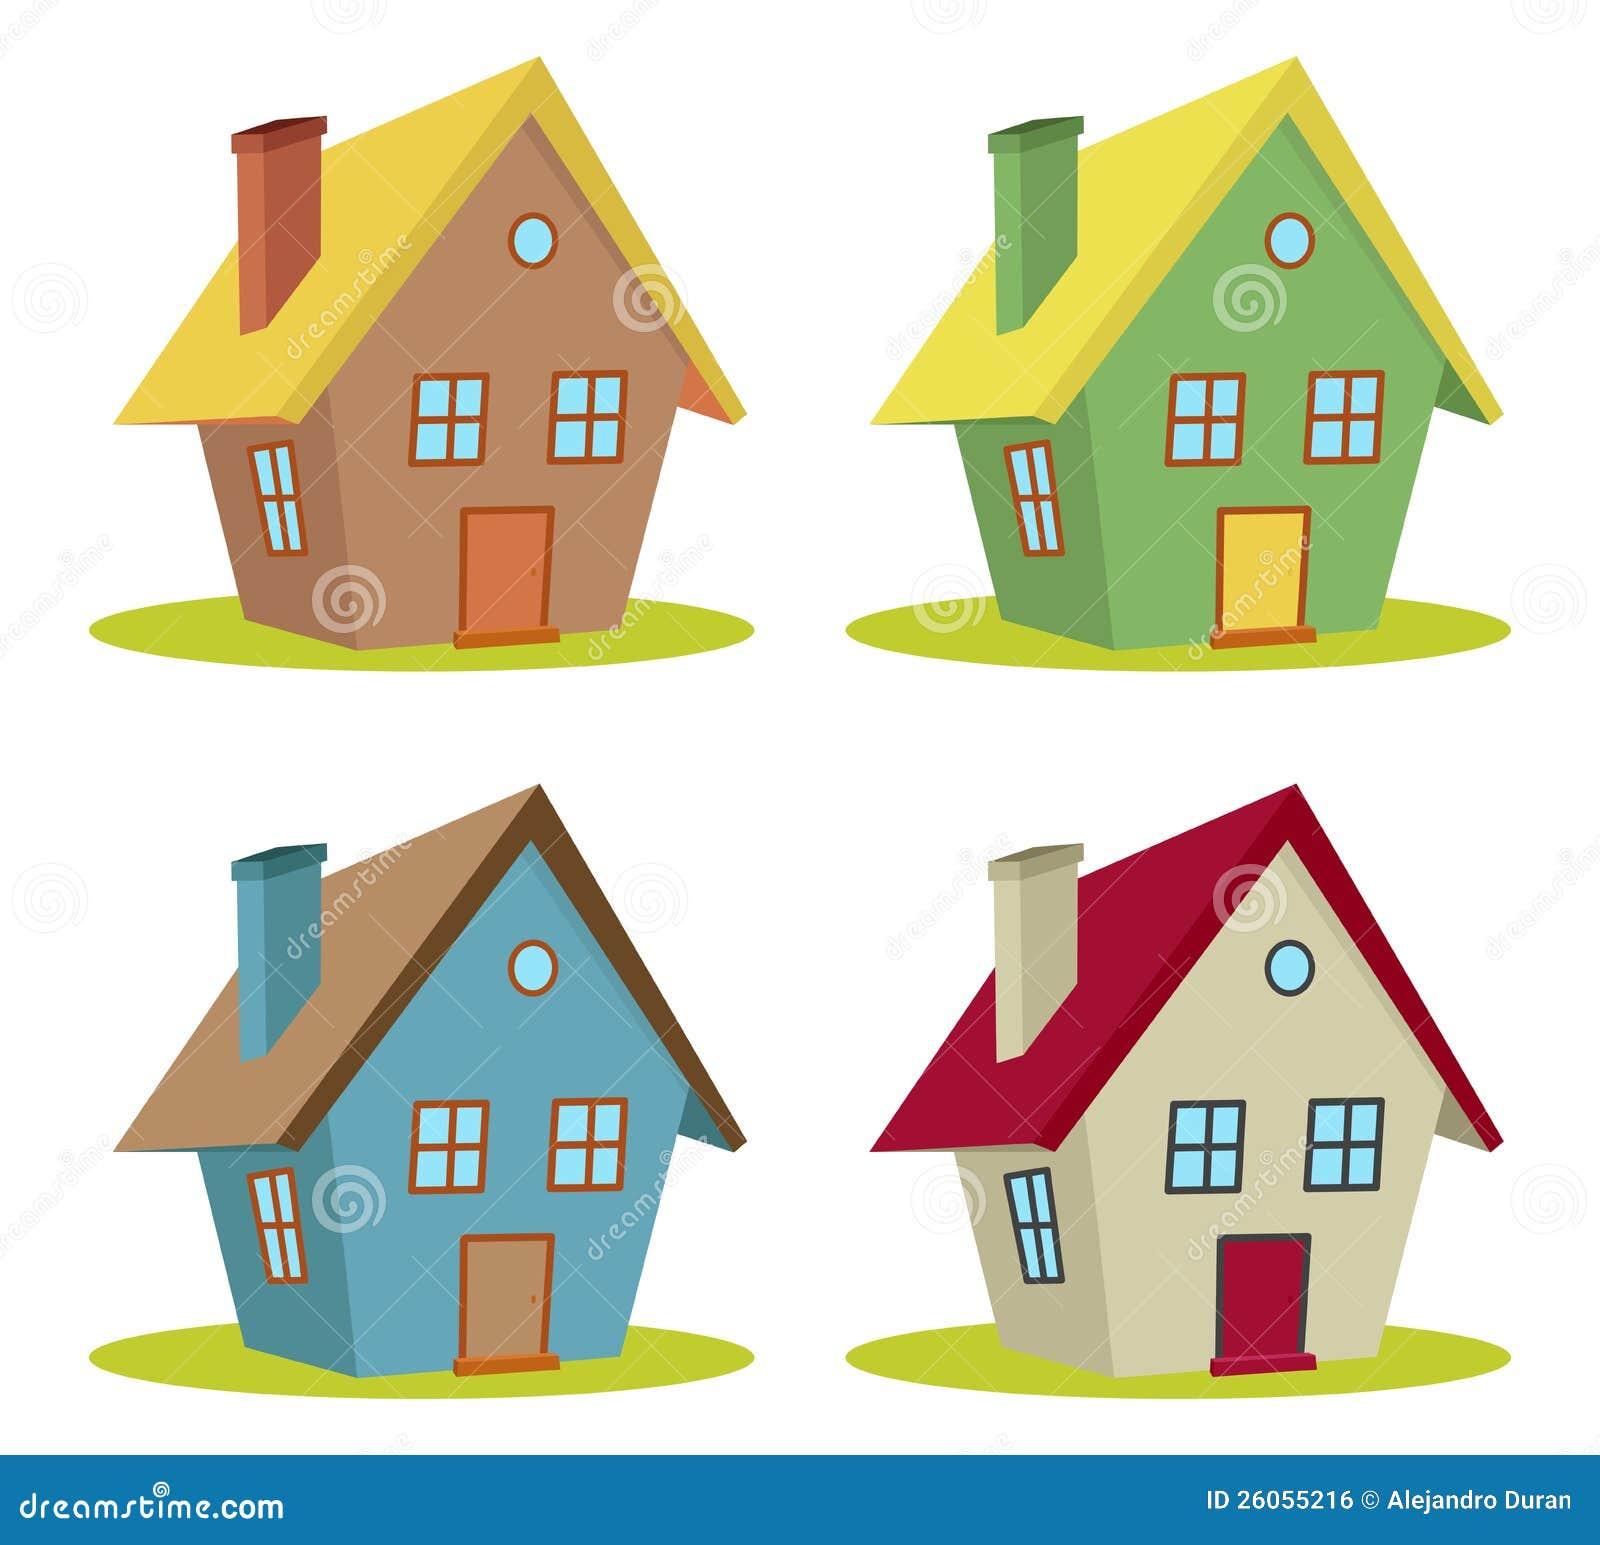 один разноцветные домики картинки для детей коштує недешево